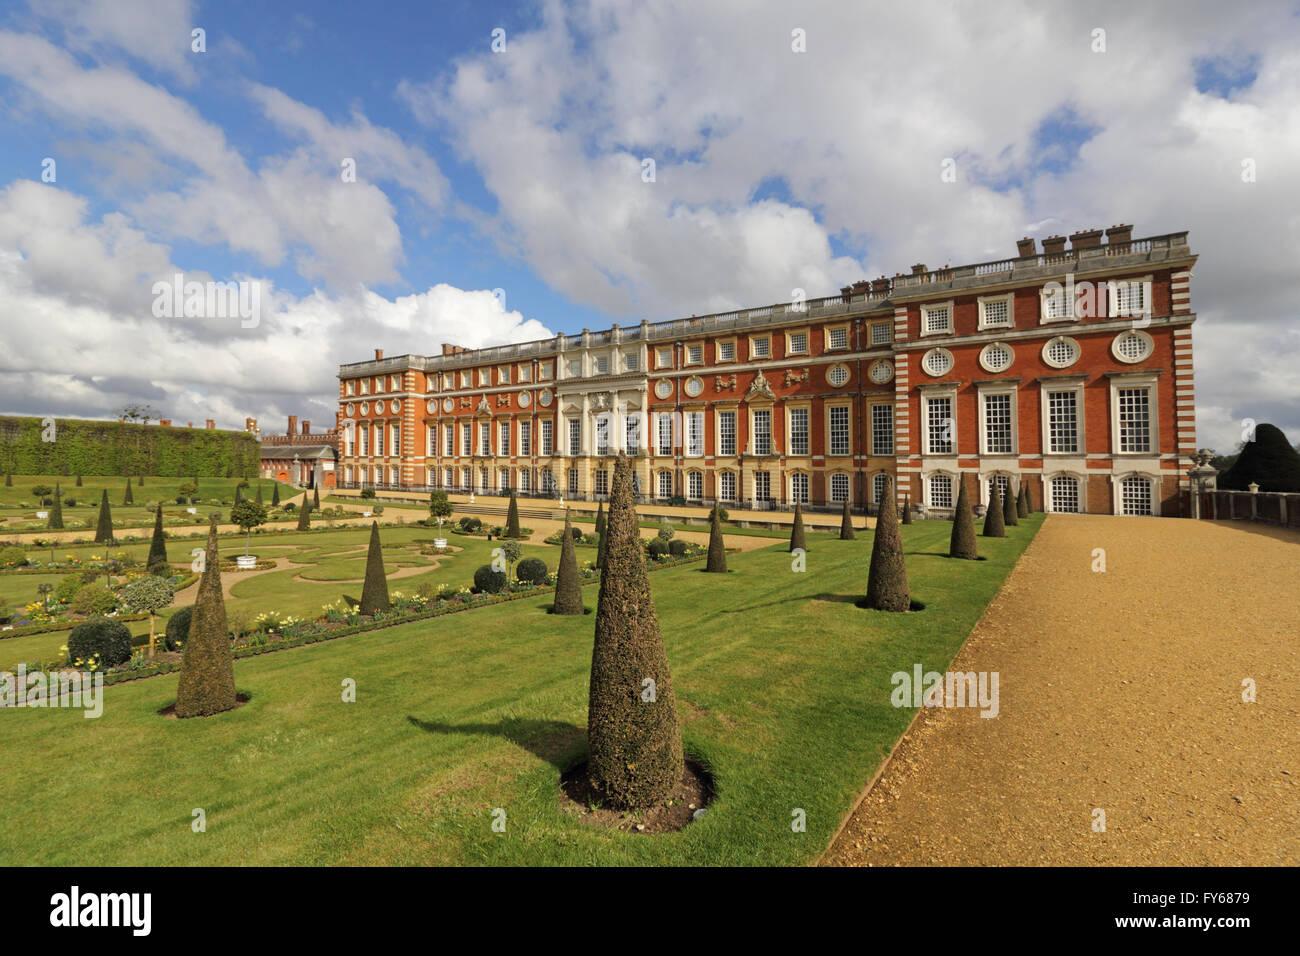 Hampton Court Palace, London, UK. 23. April 2016. Der schön gestaltete Garten eingeweiht und die südliche Stockbild